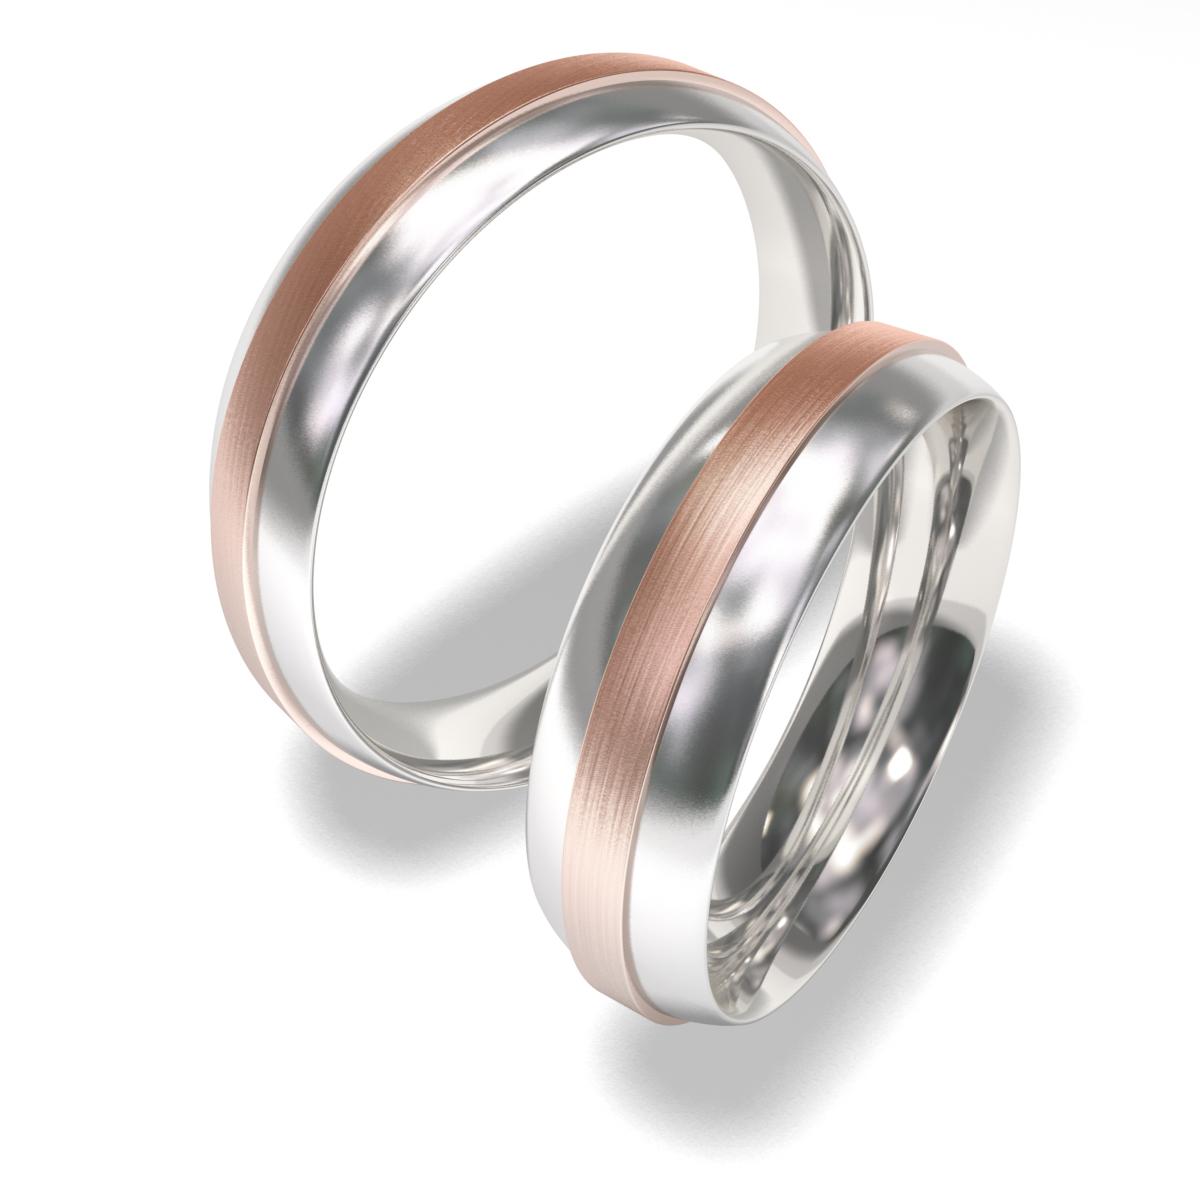 Luxusní Ocelové snubní prsteny 7020 (Luxusní Ocelové snubní prsteny 7020)